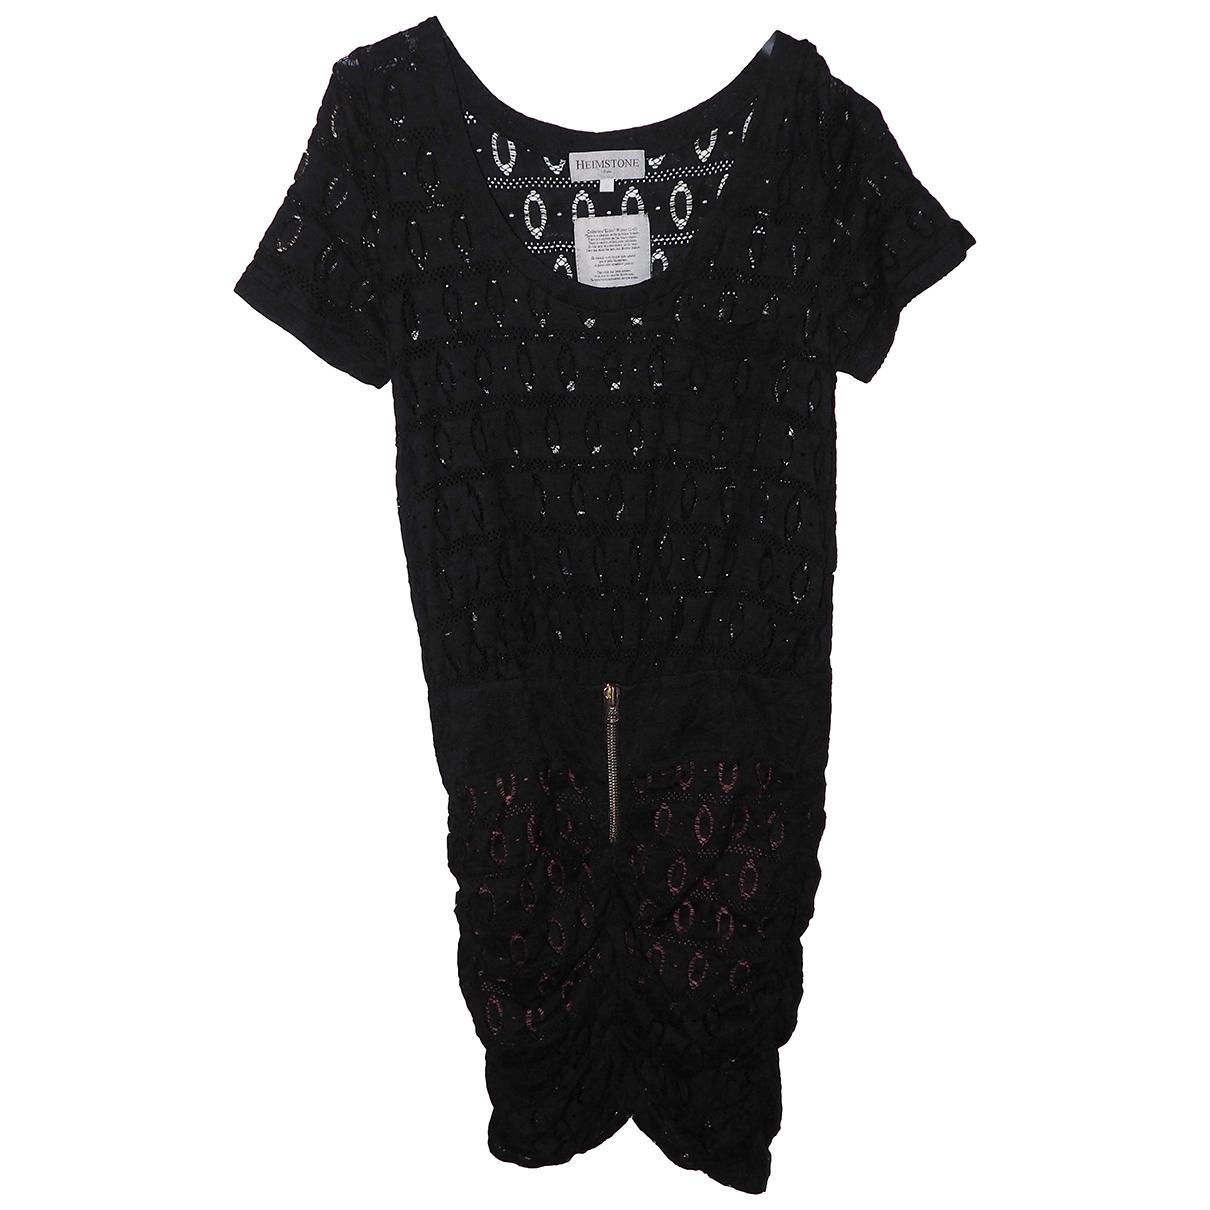 Heimstone \N Kleid in  Schwarz Polyester